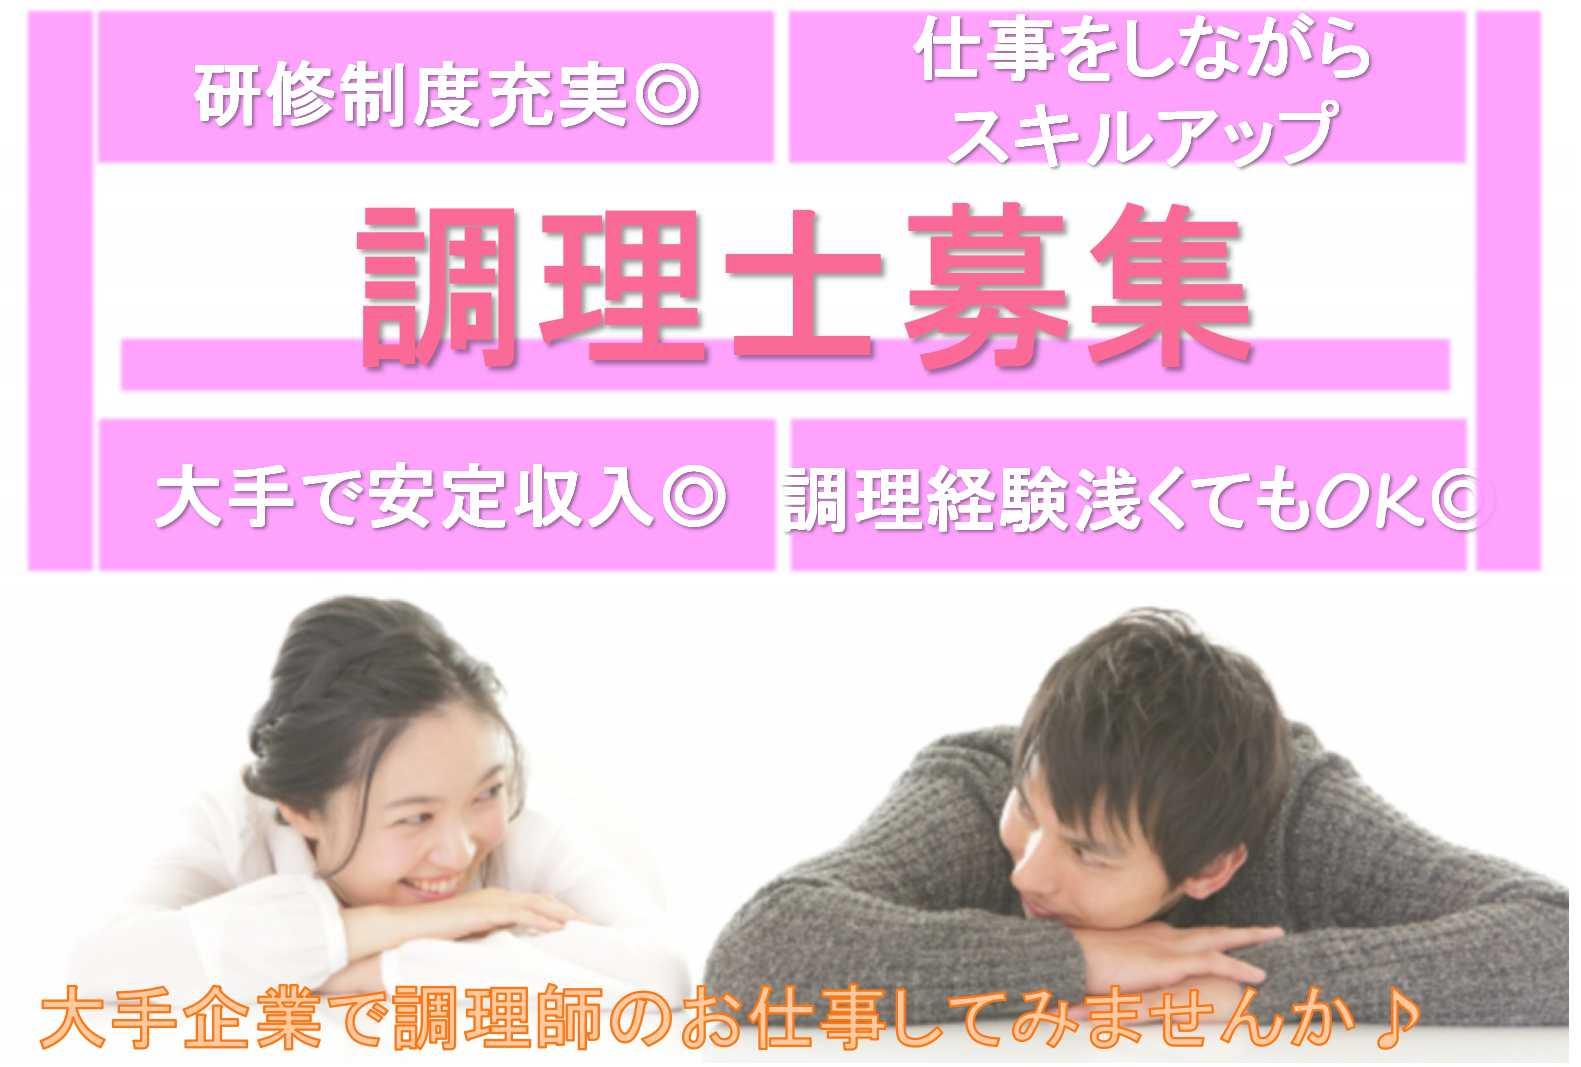 年間休日110日!熱田区周辺のお仕事!調理師募集 イメージ